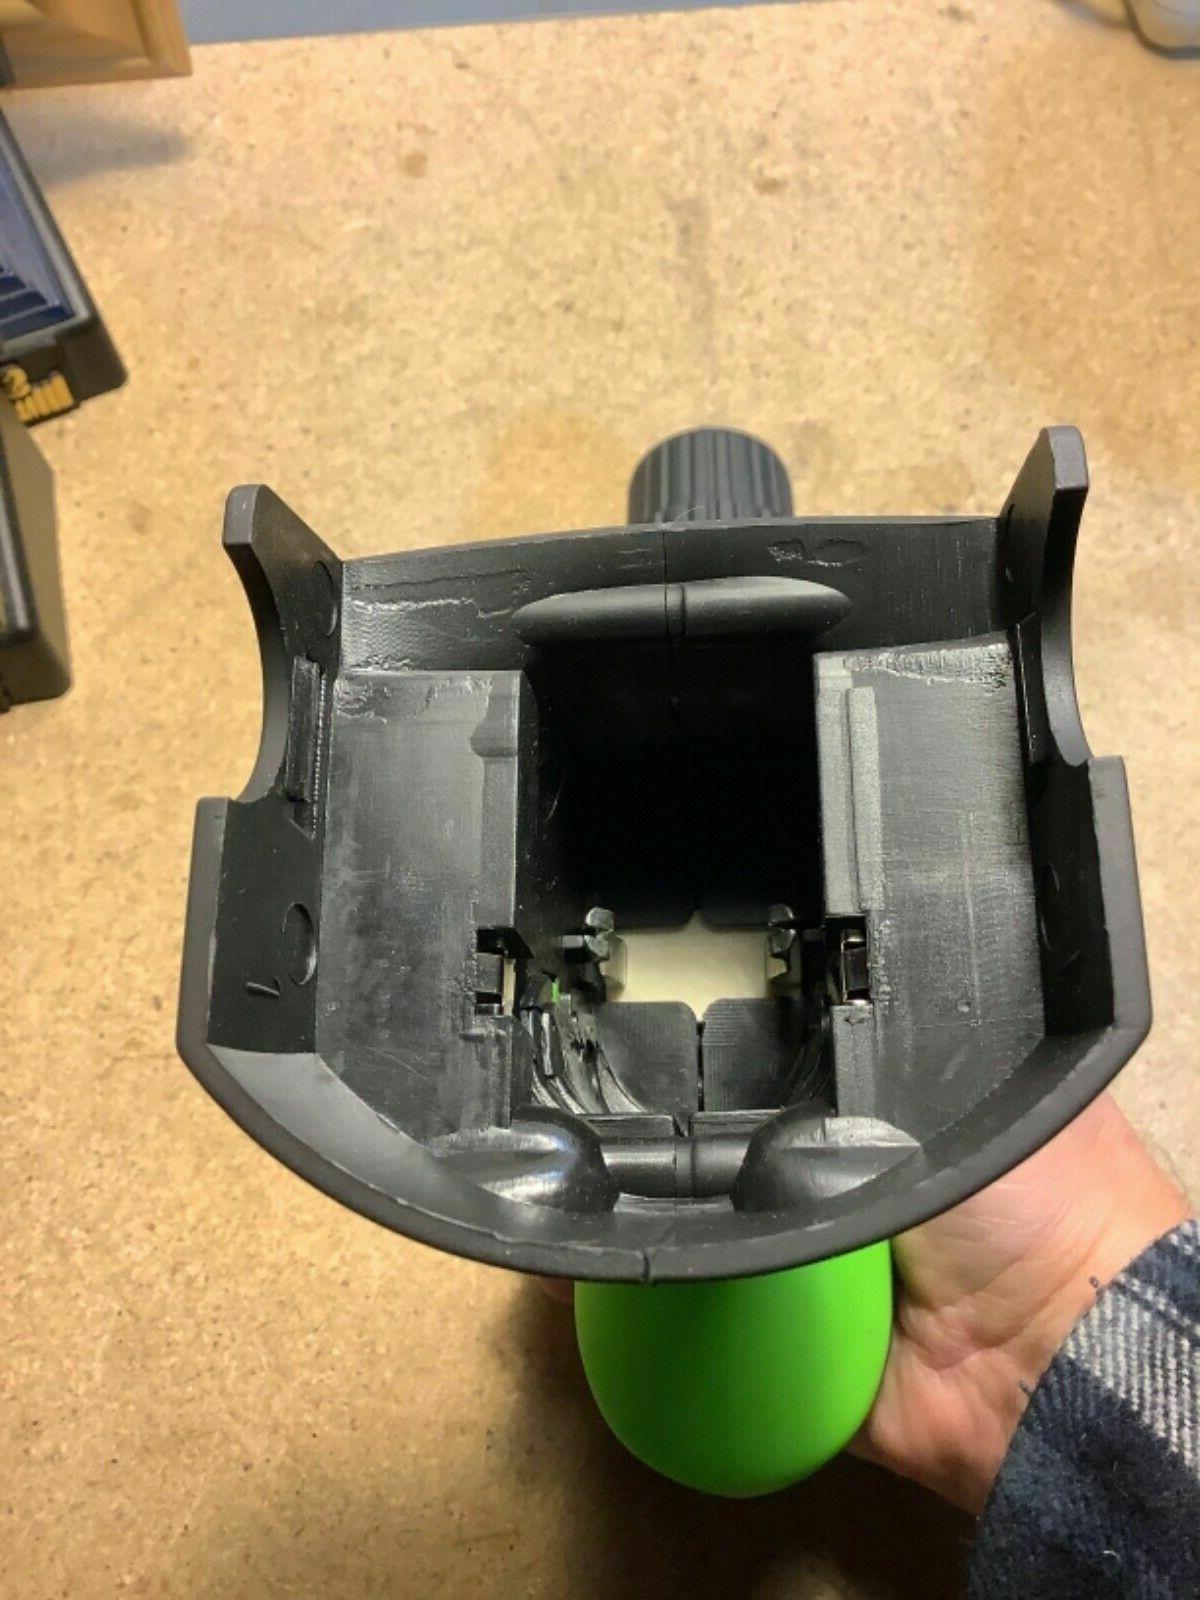 Kawasaki Cordless Drill Driver Power Bare Tool